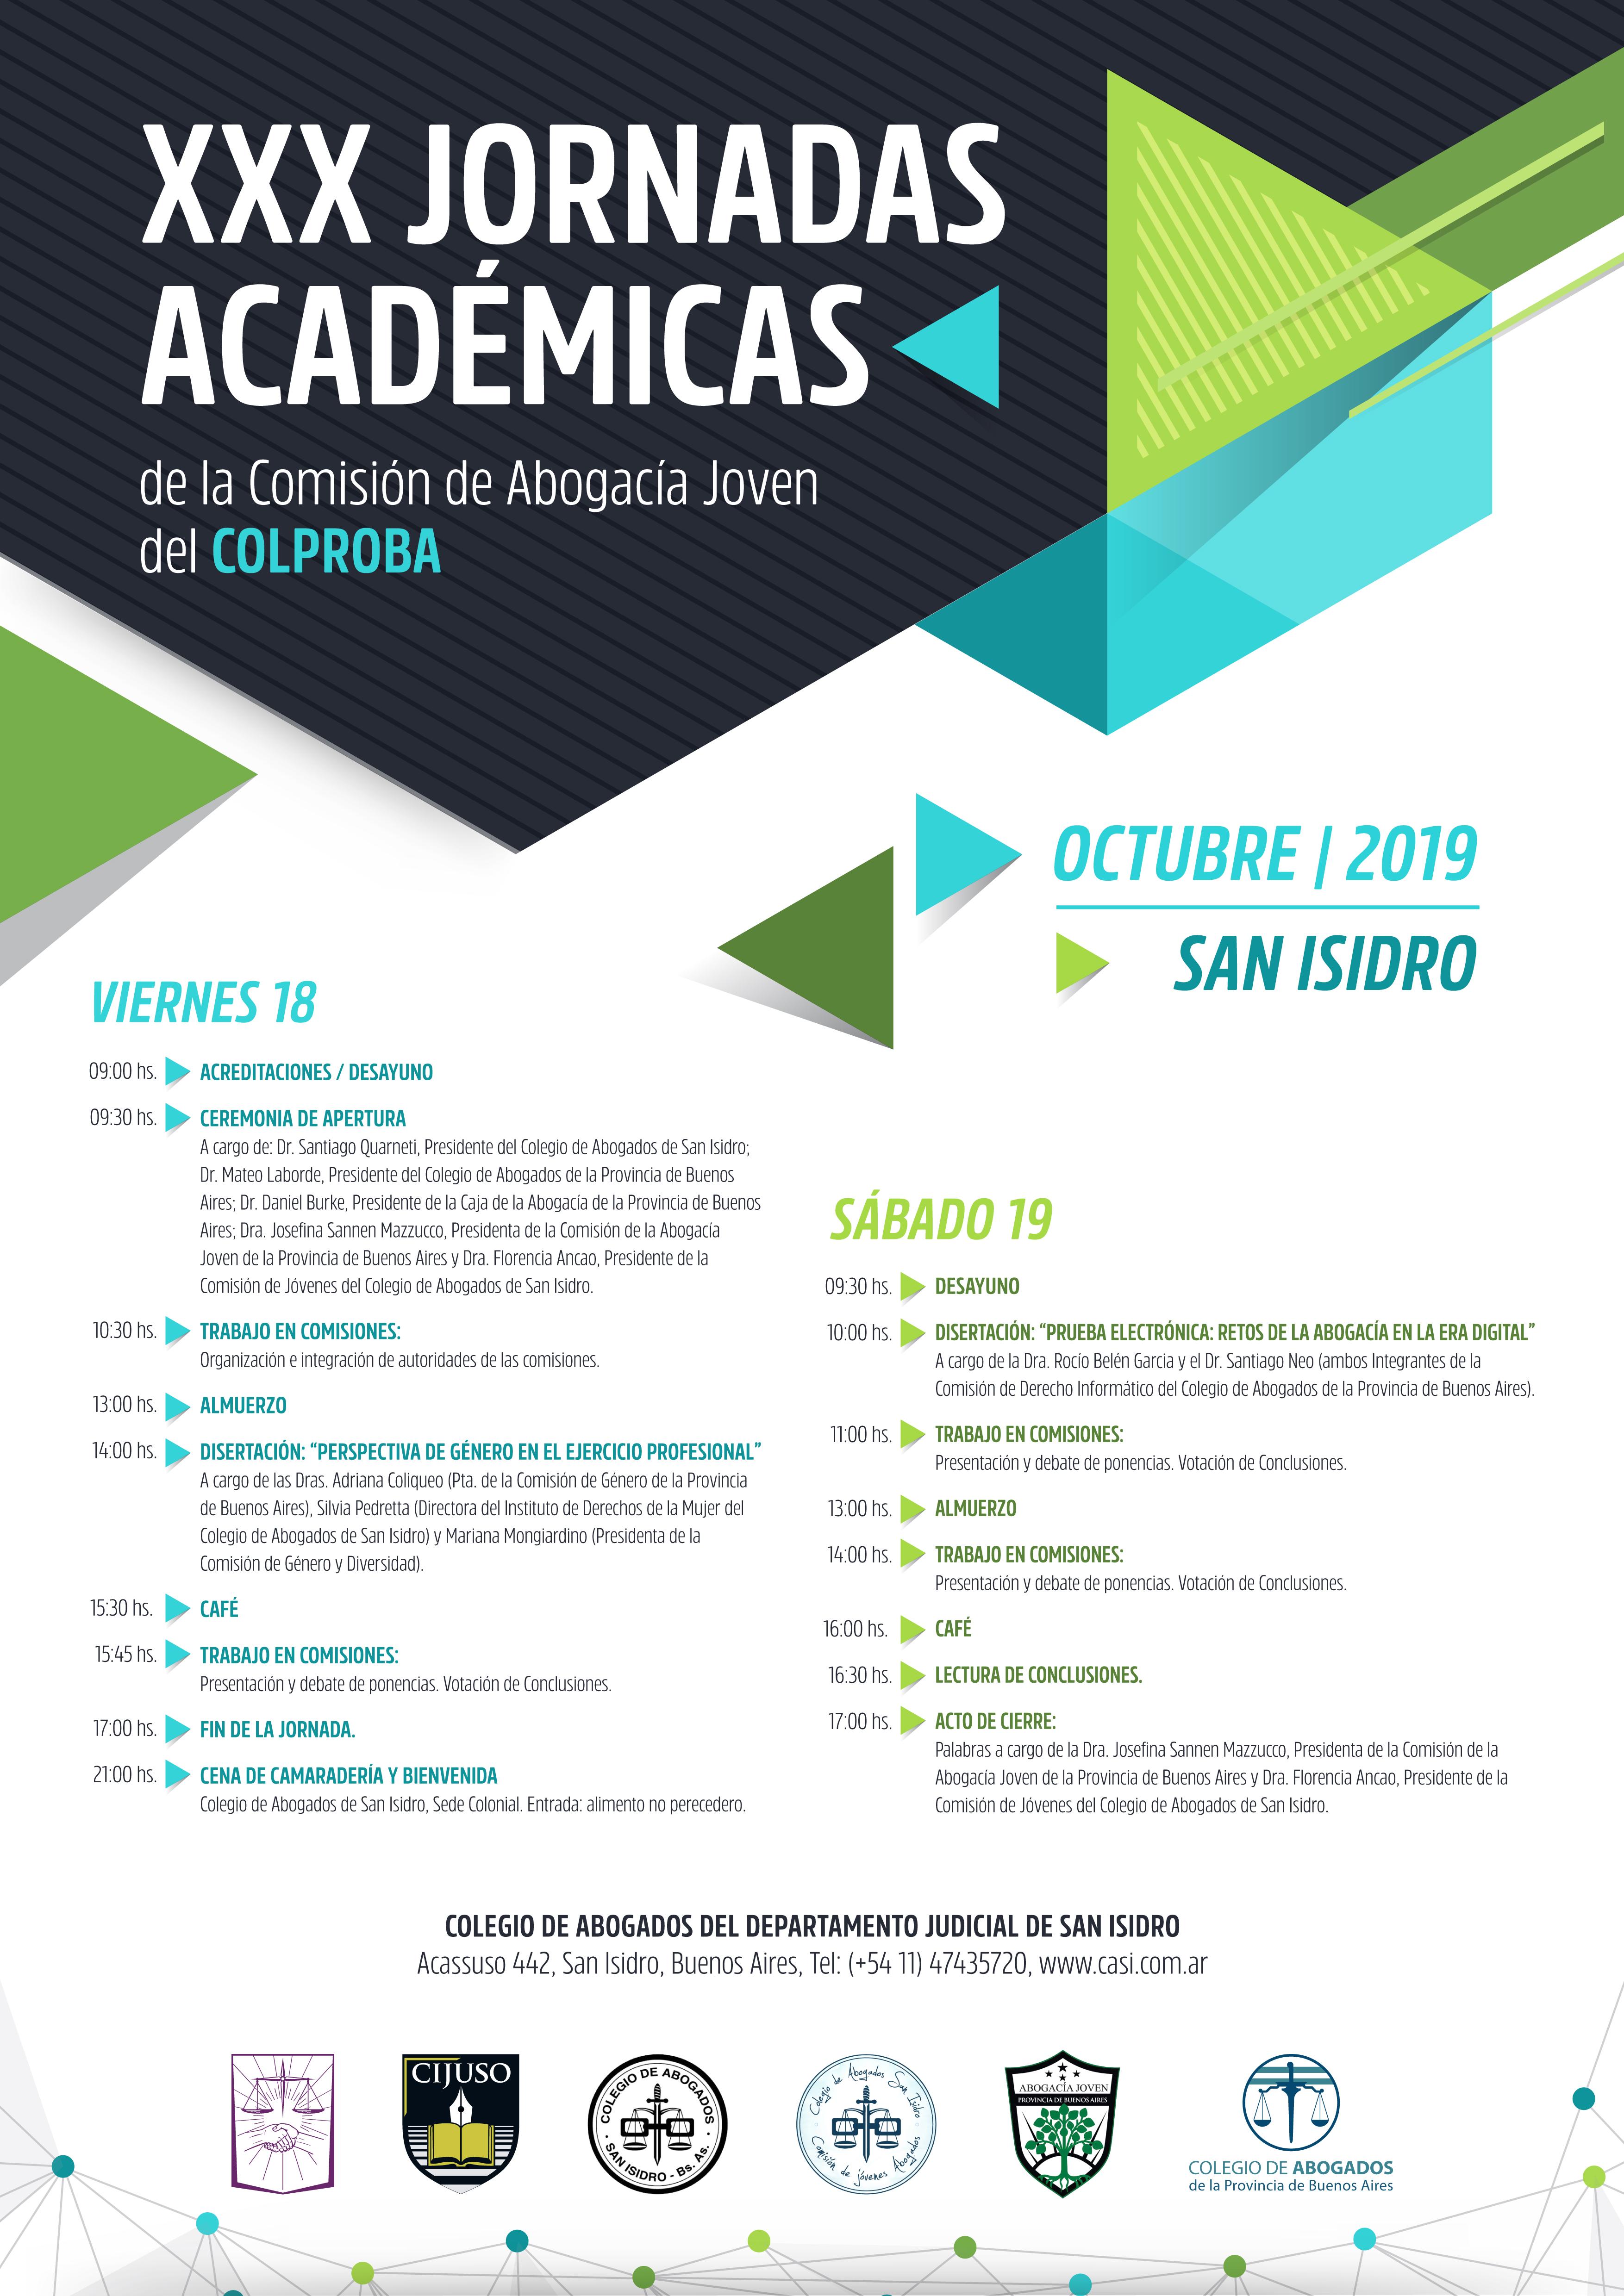 XXX Jornadas Académicas: Comisión de la Abogacía Joven